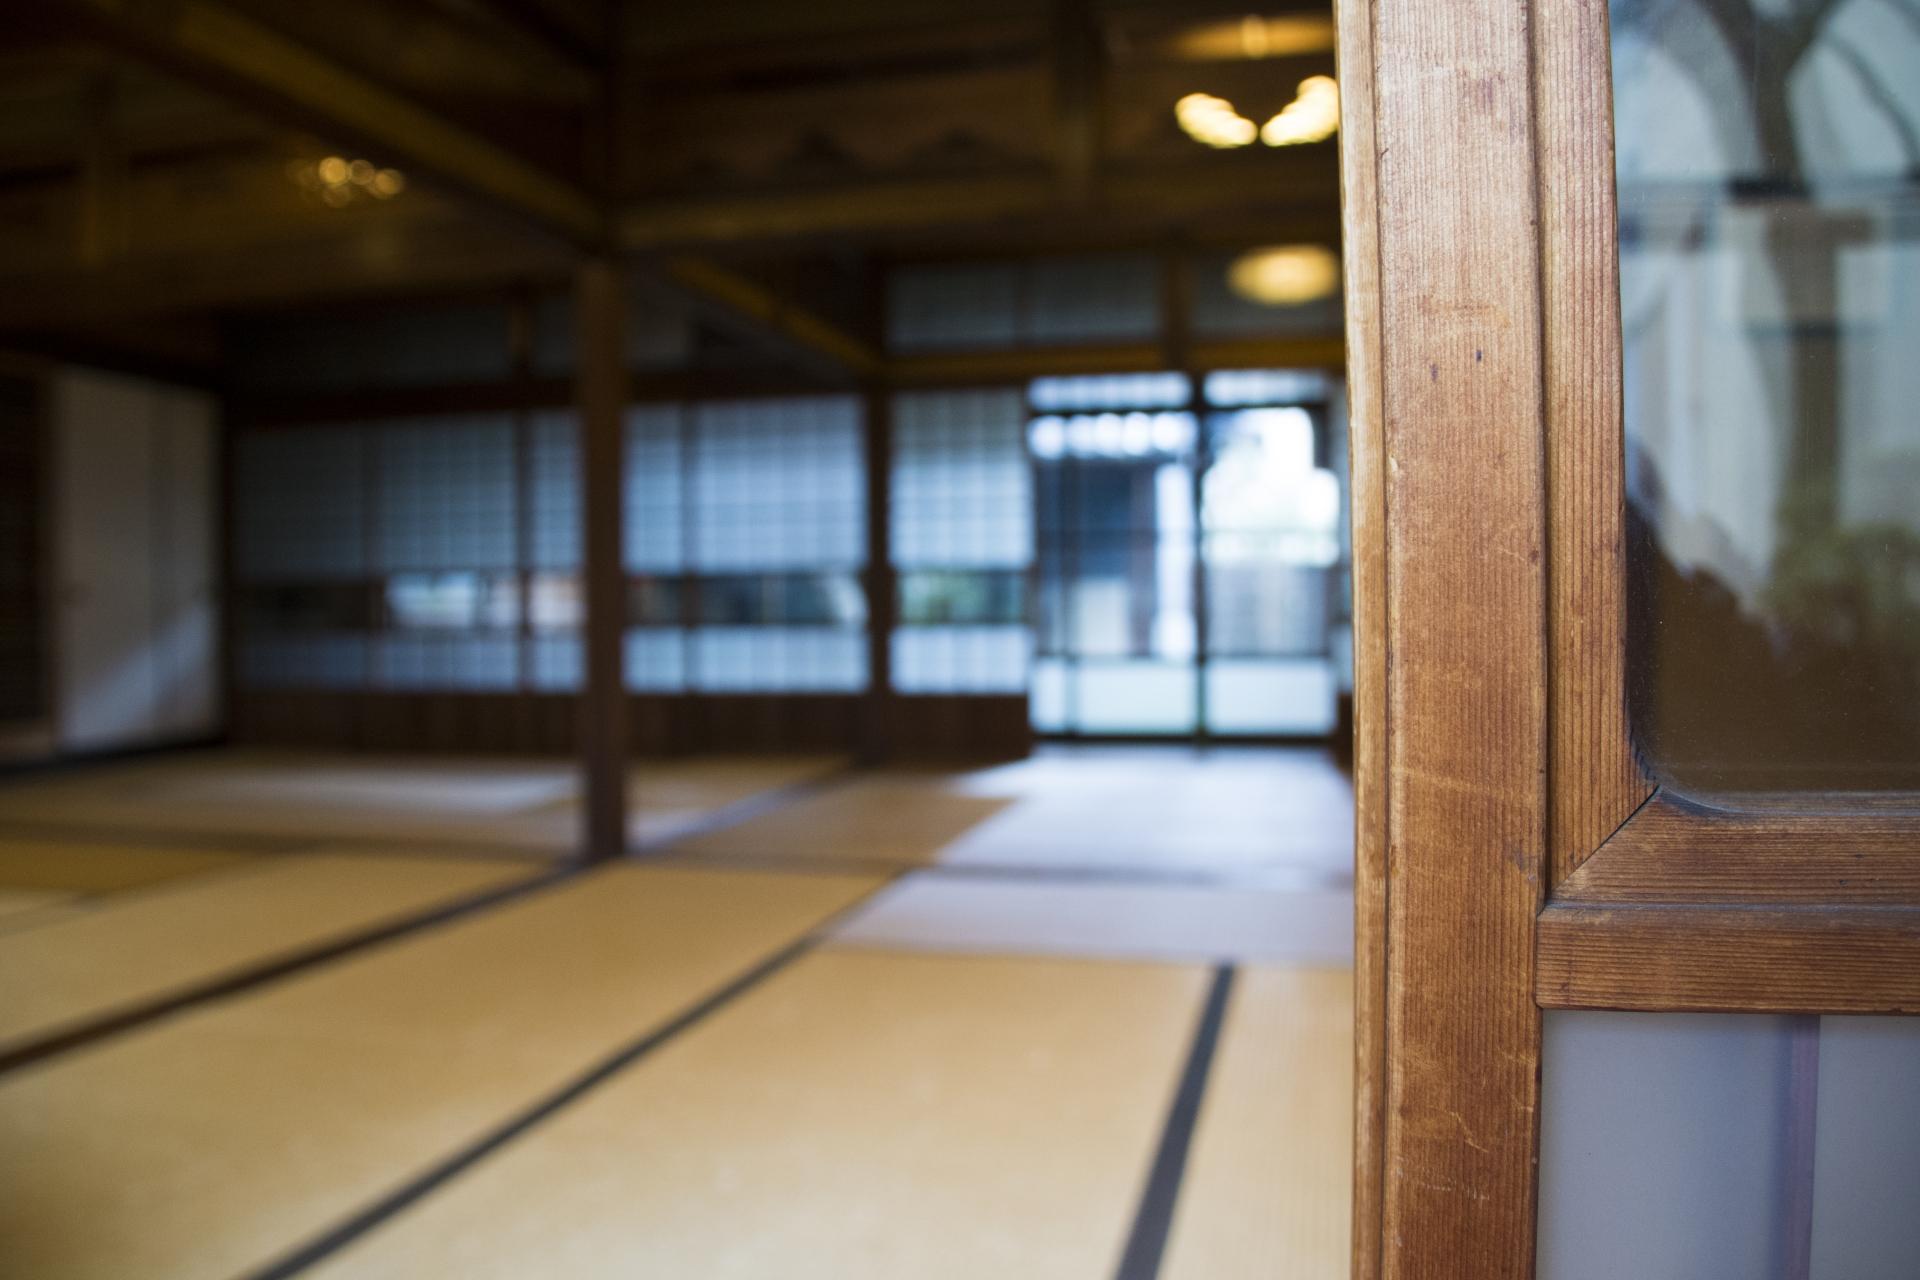 みたき園は鳥取の隠れ古民家カフェ!自然を感じながら山菜料理を満喫しよう!